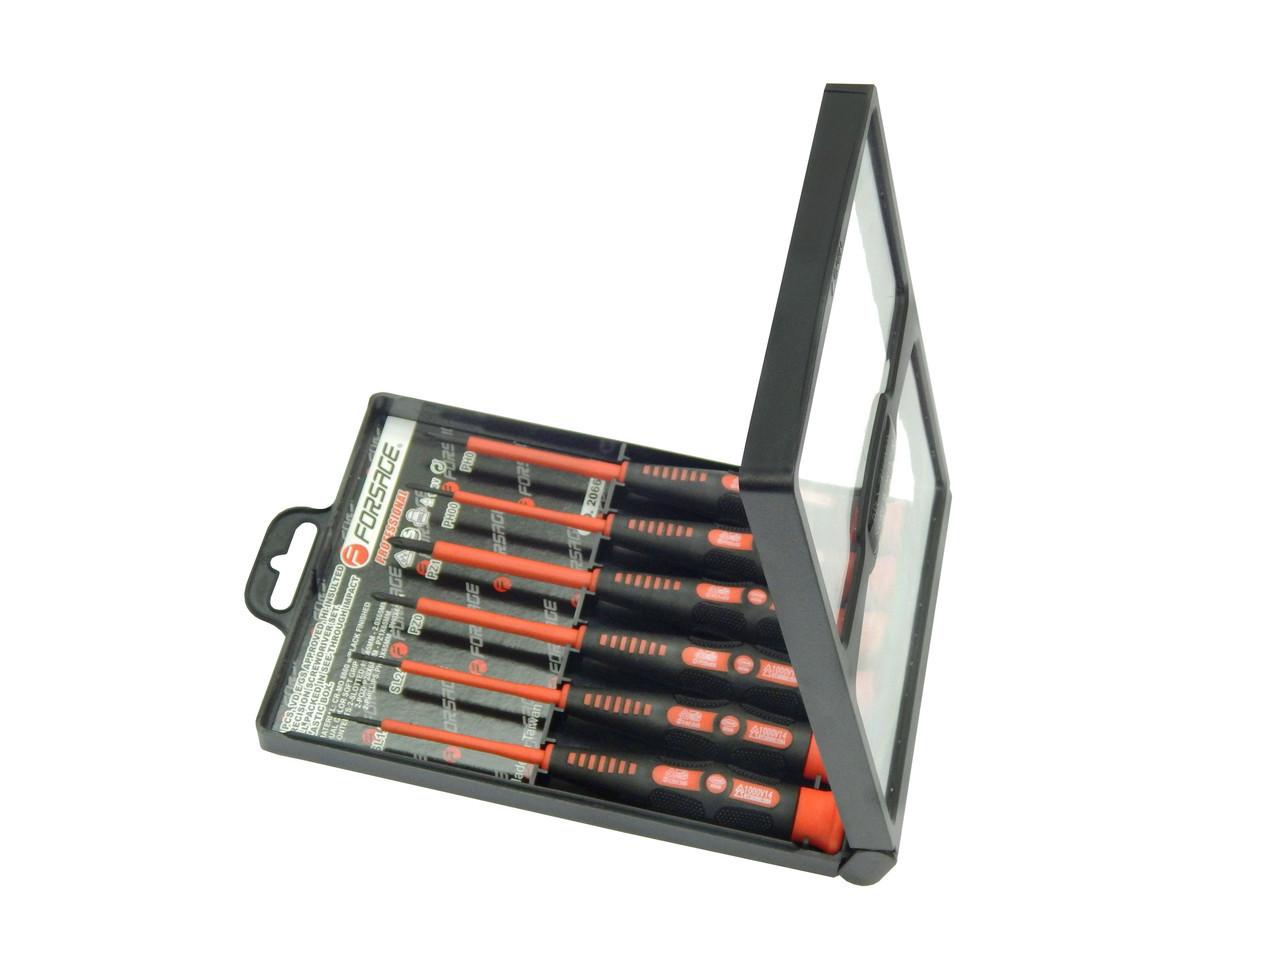 Набор отверток диэлектрических 6пр. (SL: 1.5,2.0, PZ: PZ 00,0,PH: 00,0 )